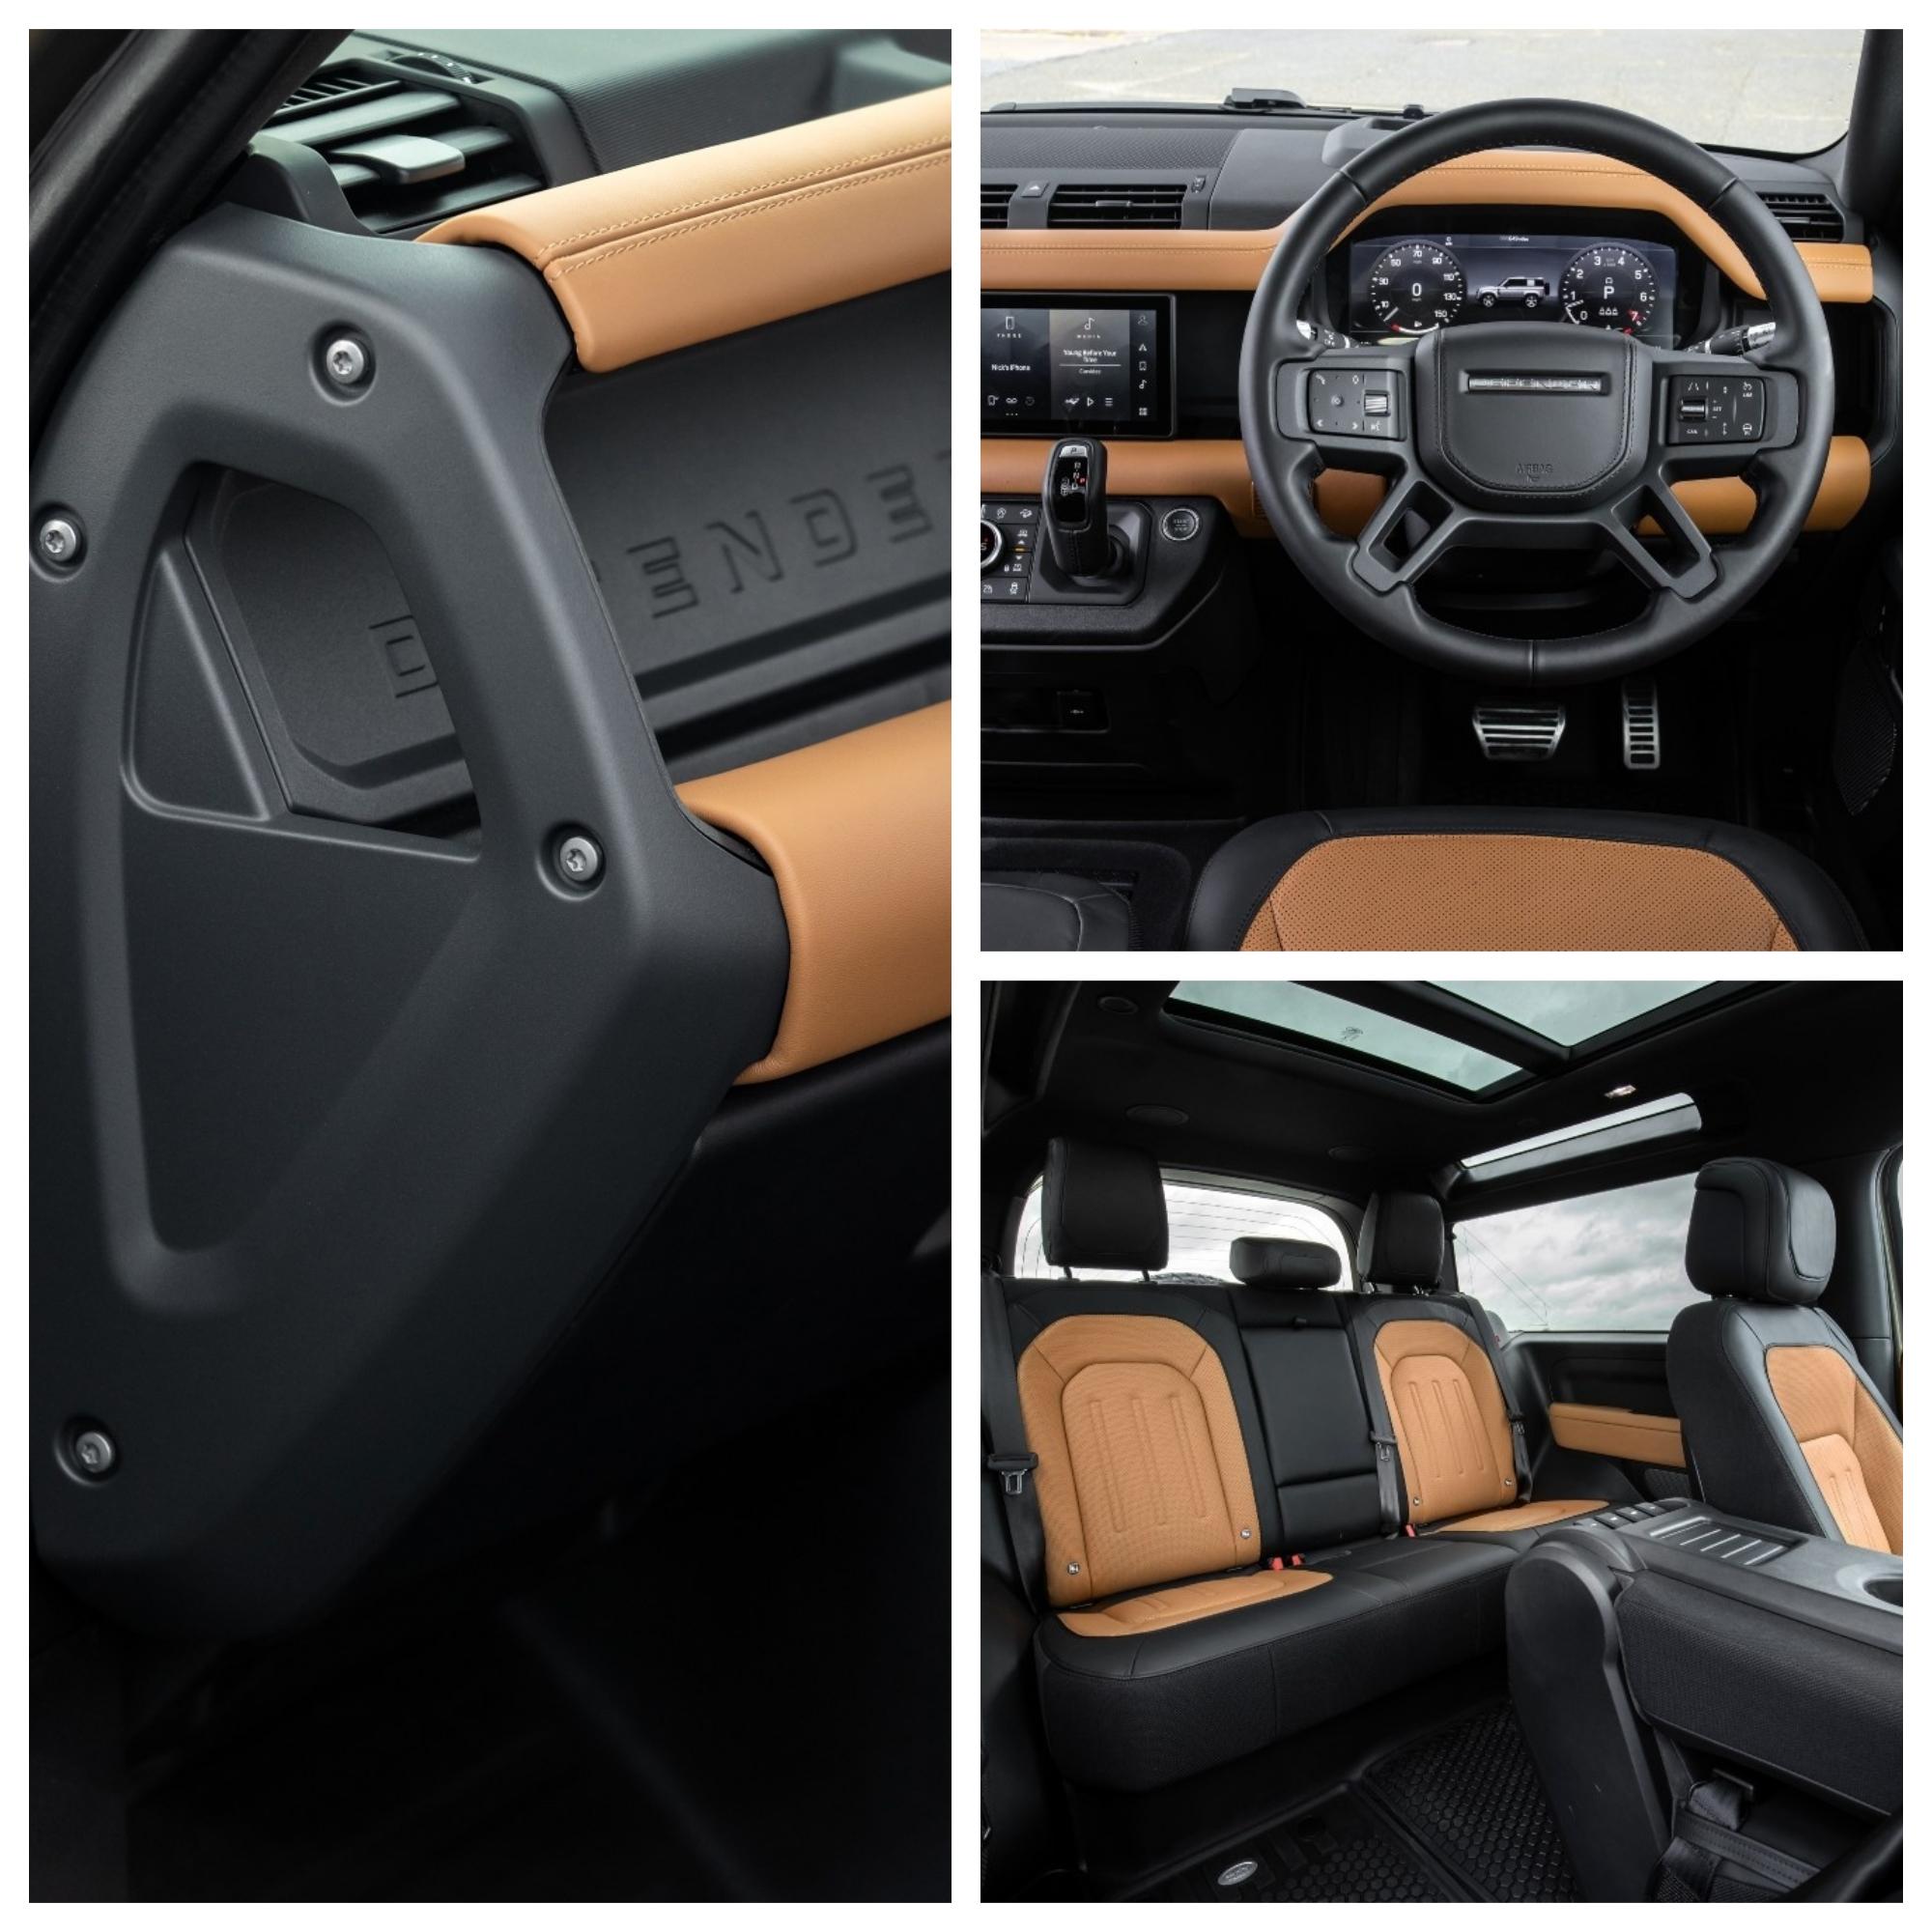 Land Rover Defender 90 - prueba - todoterreno - 4x4 - P400 - interior